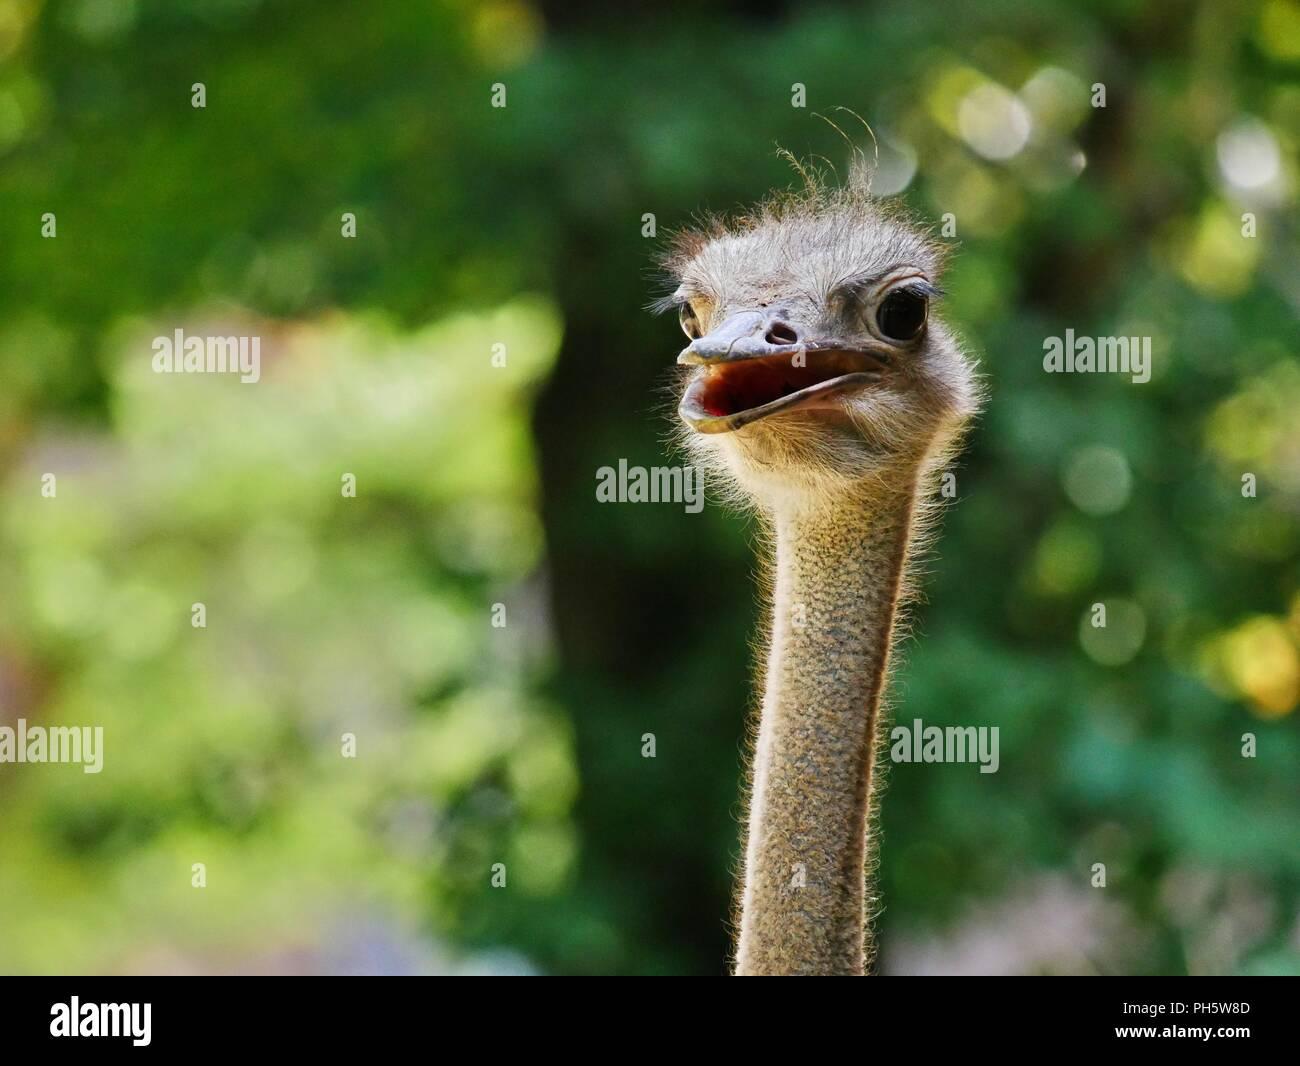 Testa di uno struzzo, scrupoloso closeup, retroilluminato da luce solare, sfondo sfocato Immagini Stock